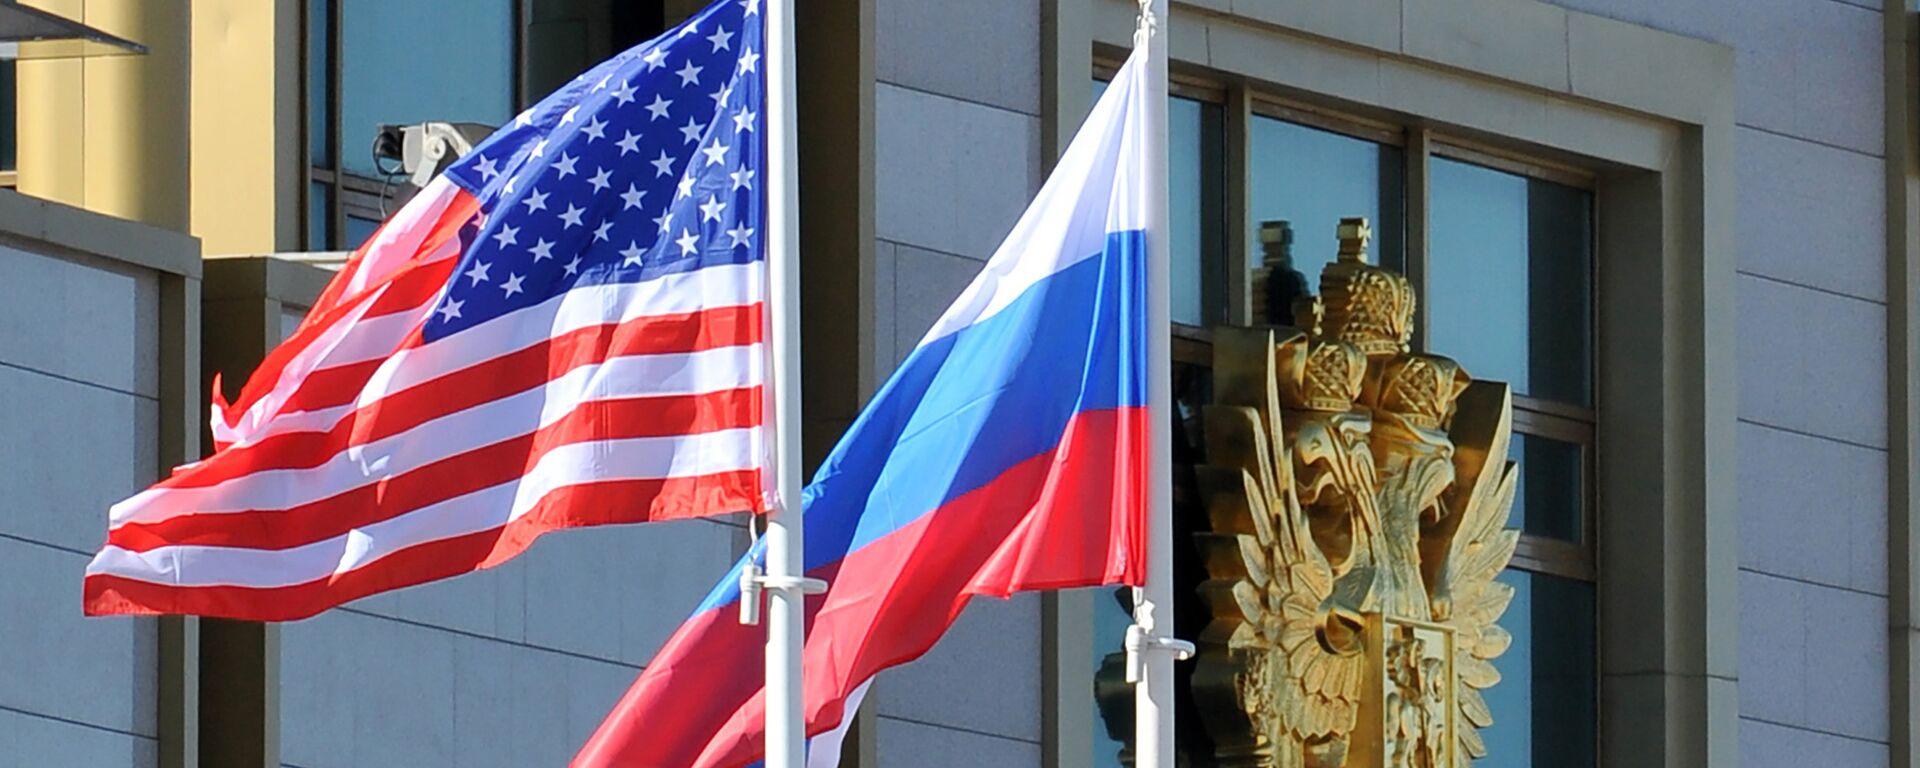 Banderas de EEUU y Rusia - Sputnik Mundo, 1920, 03.02.2021